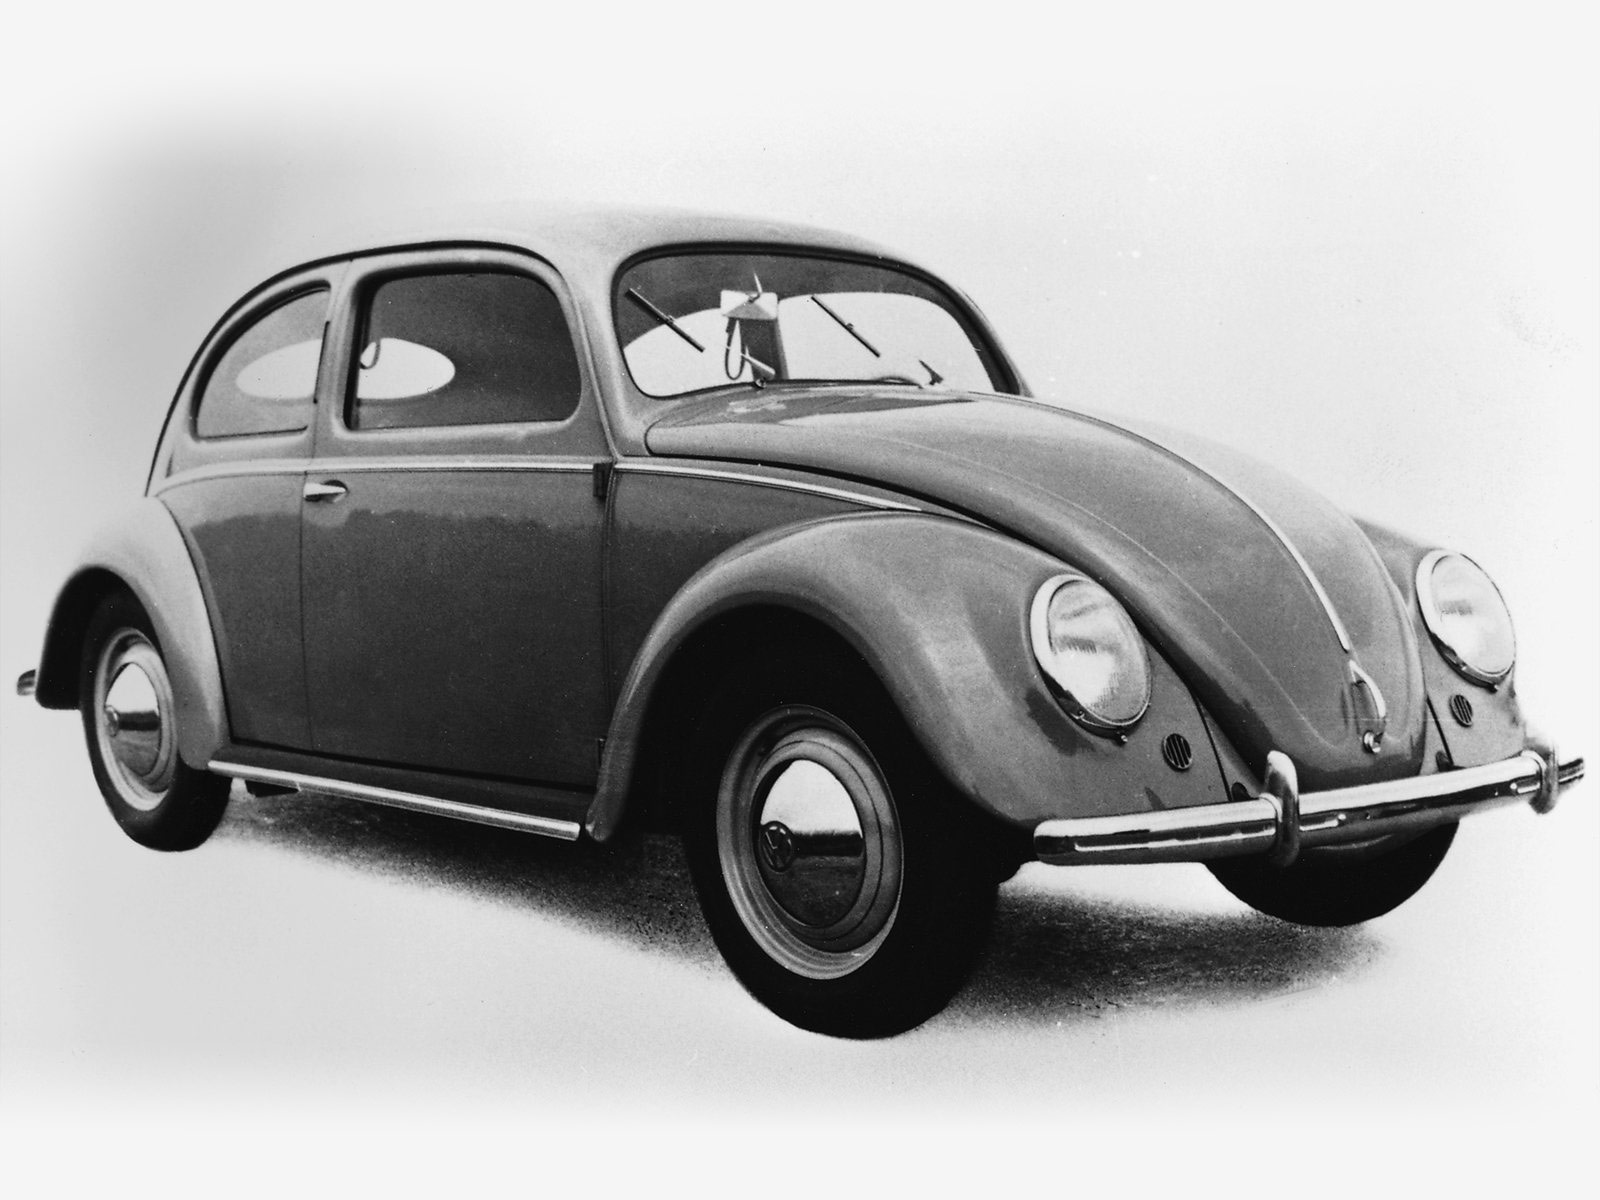 1938 VW Beetle Volkswagen car desktop wallpaper   Auto Trends 1600x1200